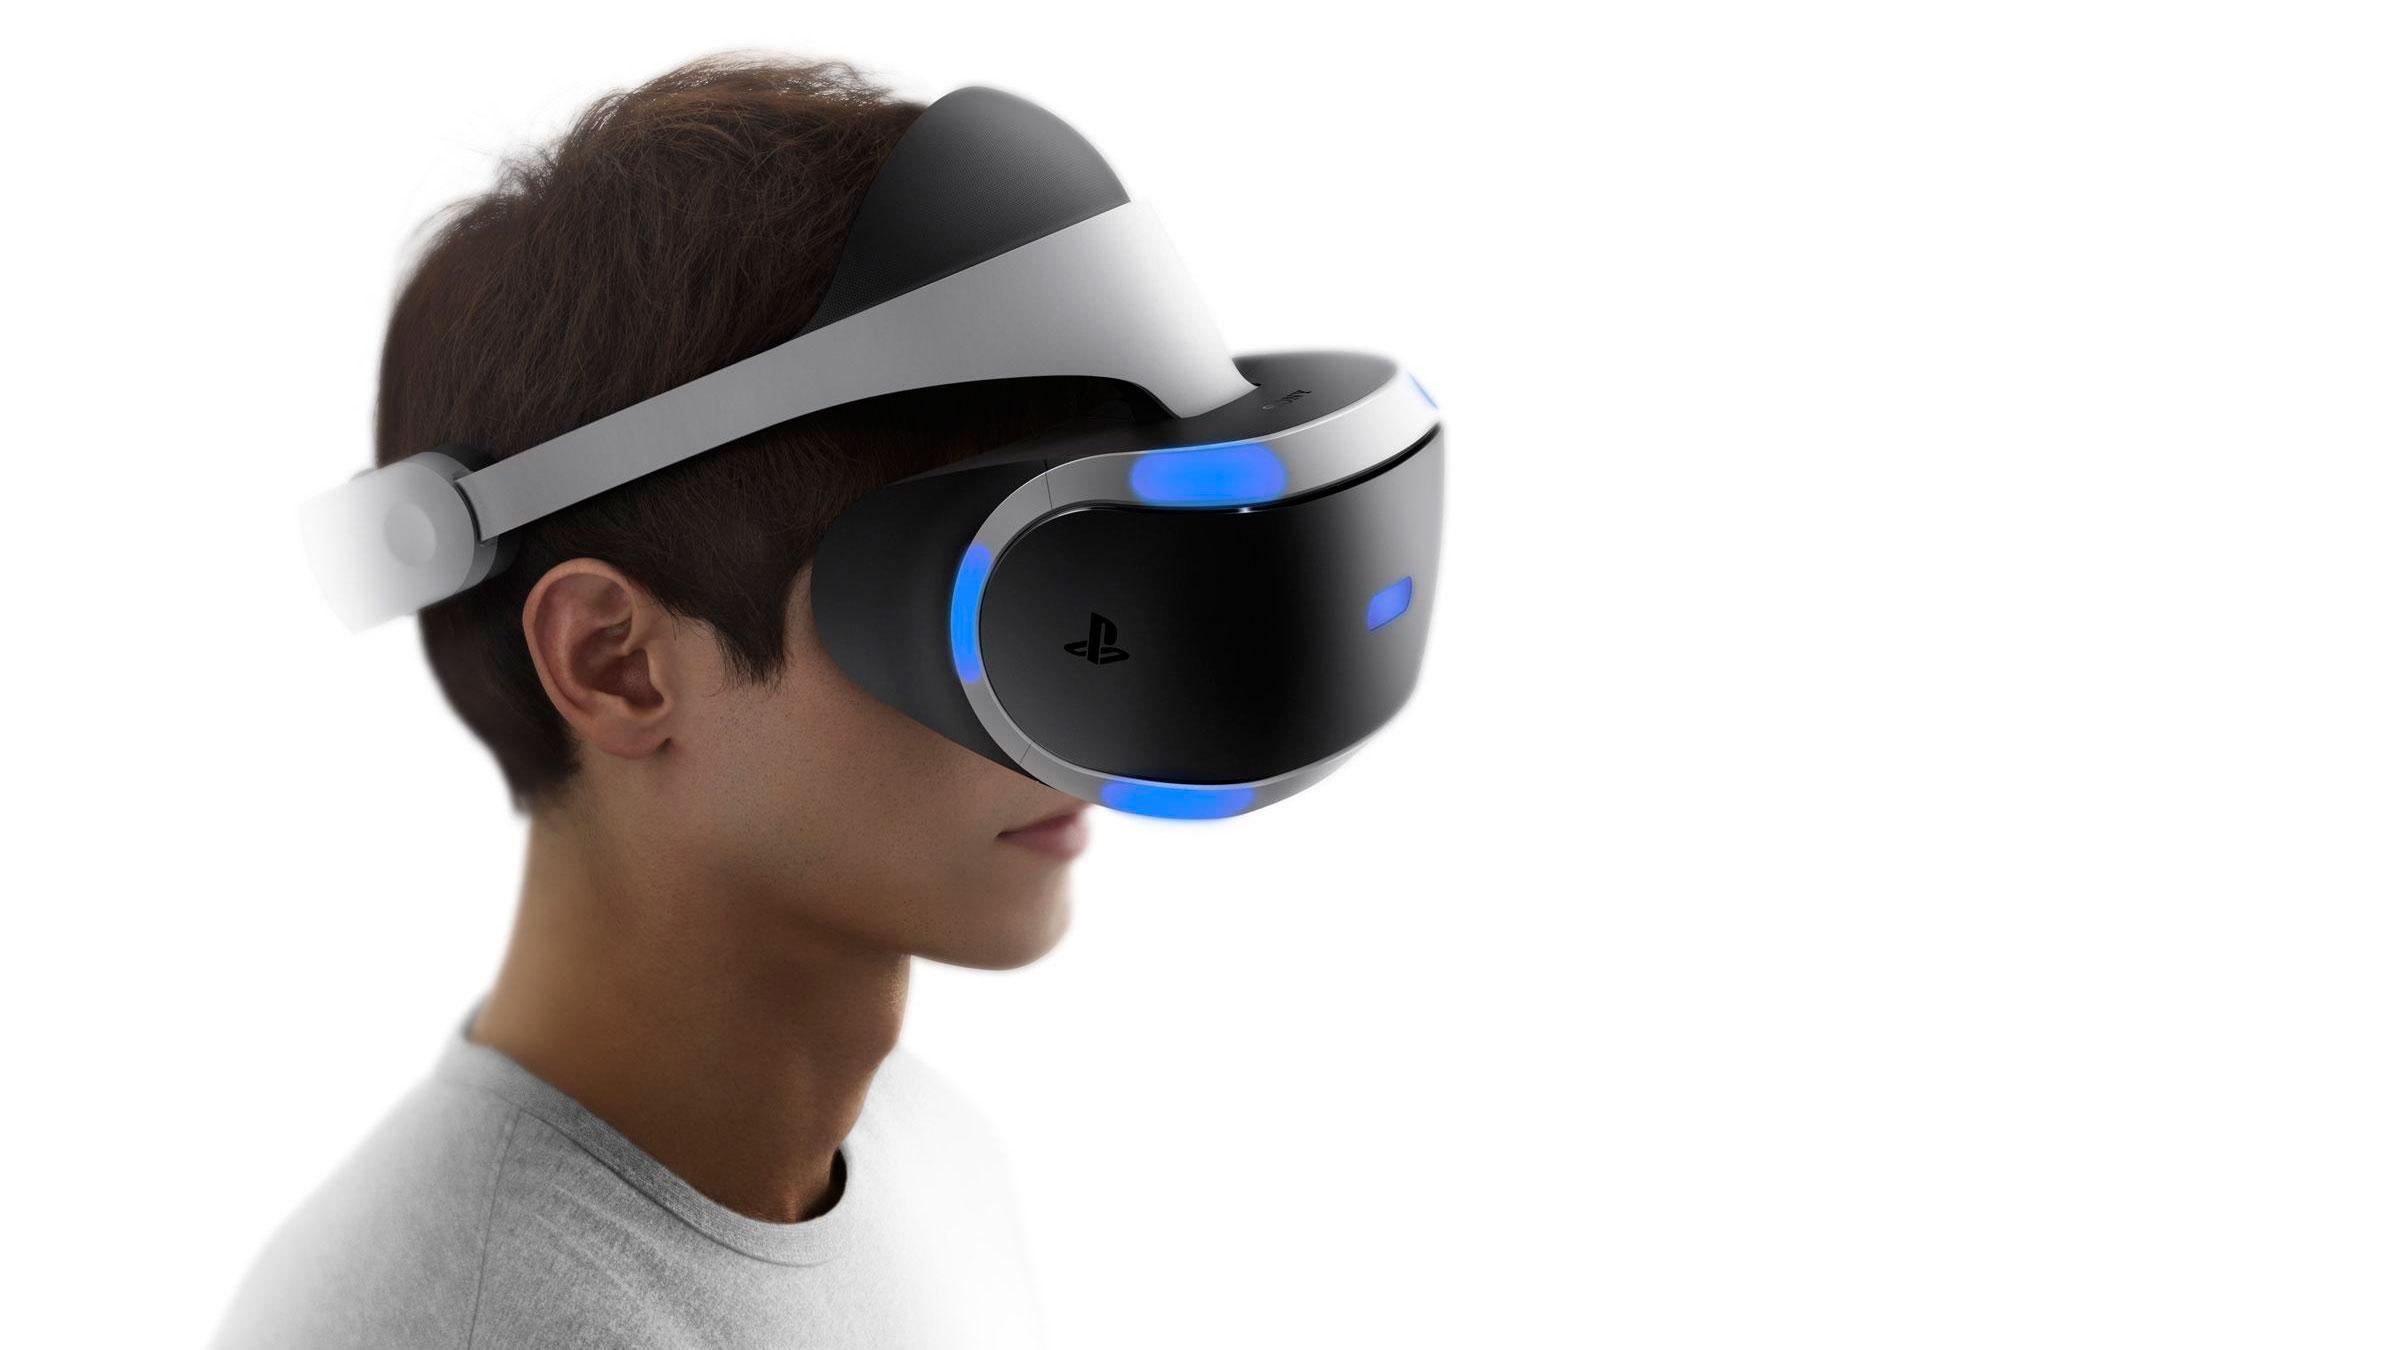 casque realite virtuel ps4 vieille